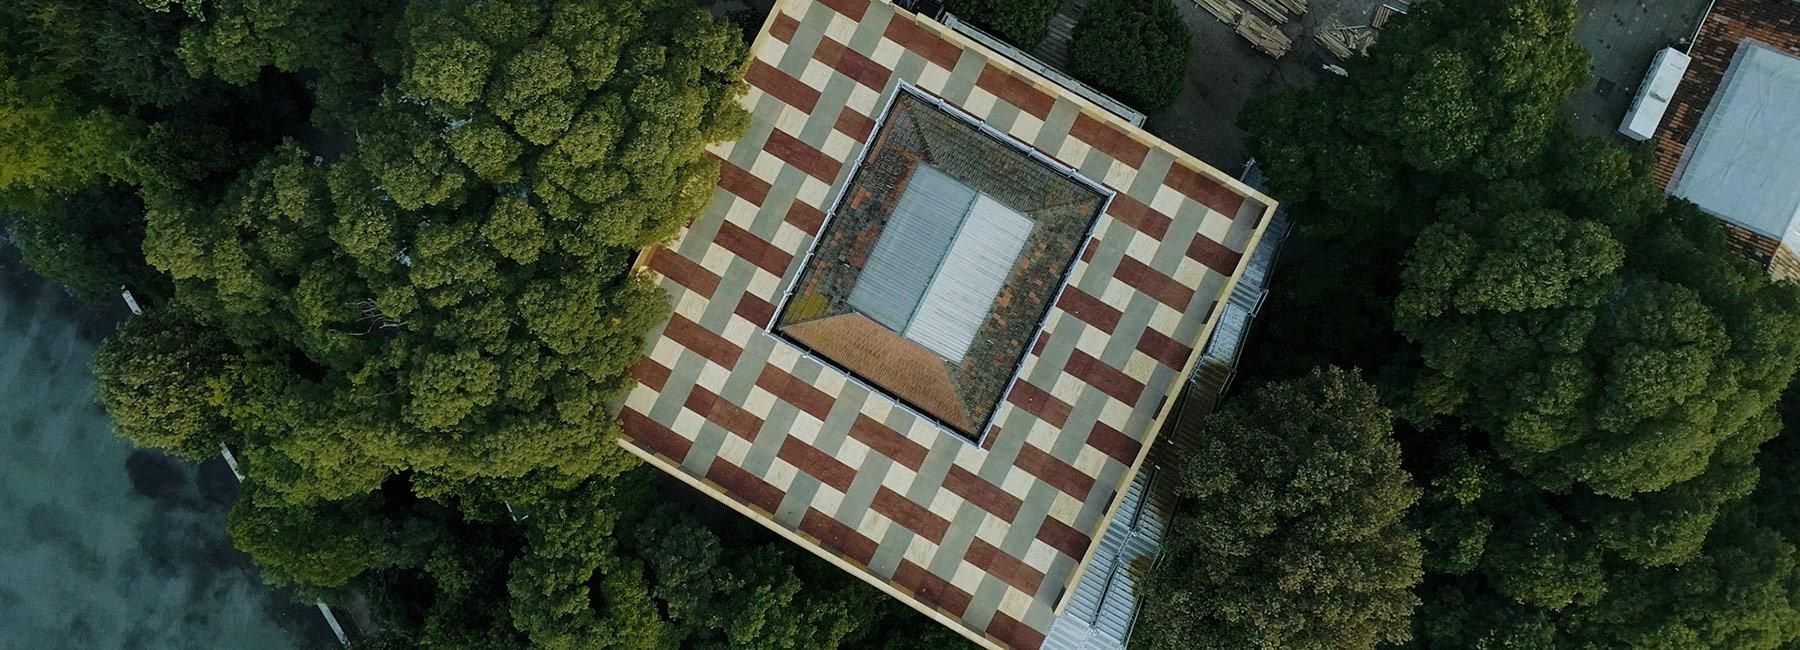 Venice Biennale/British Pavilion